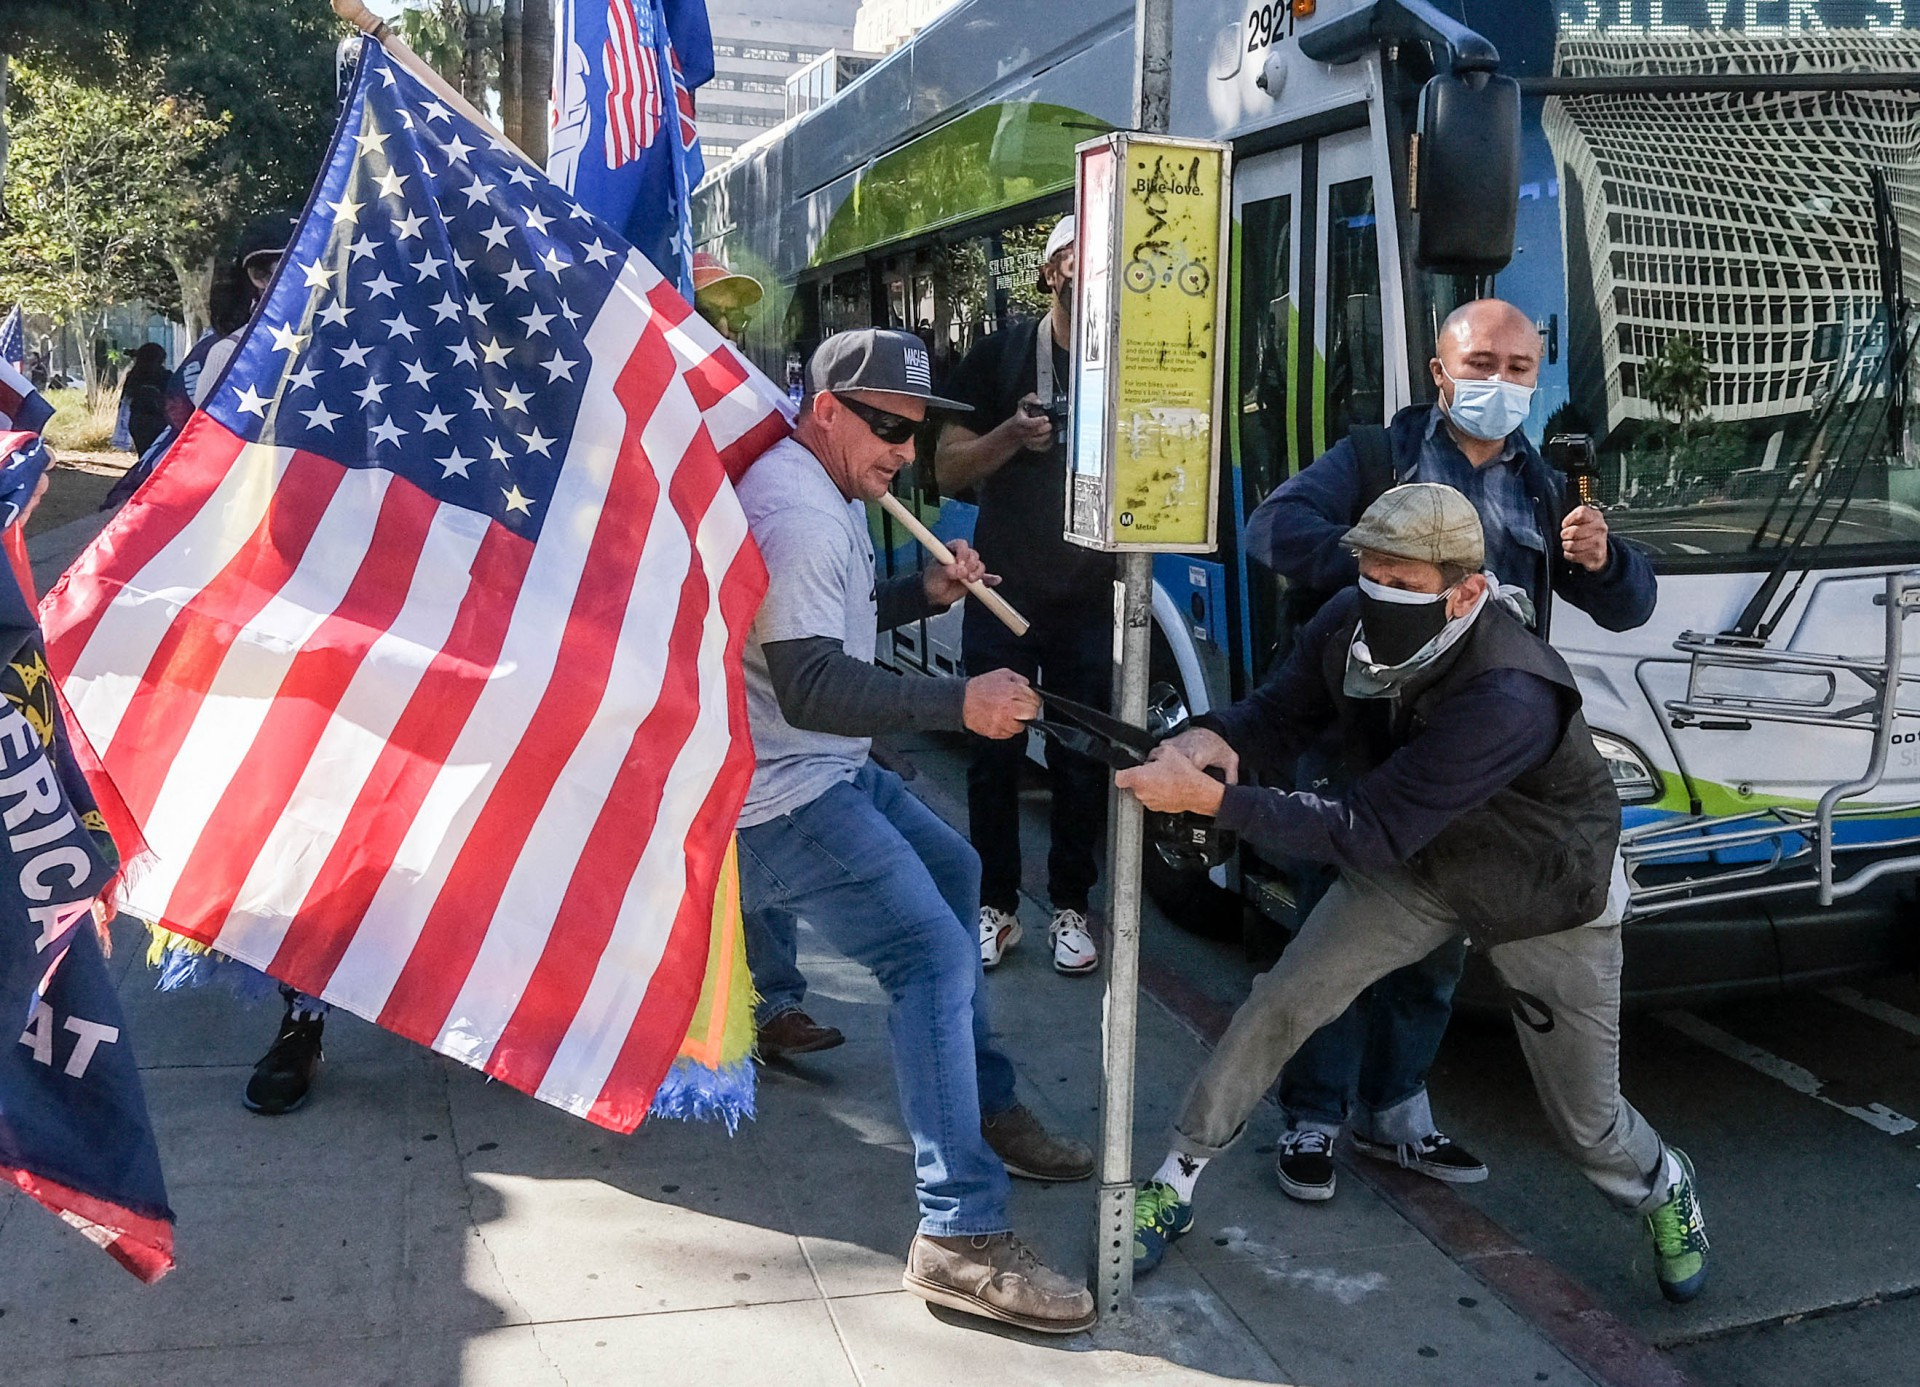 (Foto: RINGO CHIU / AFP)Um apoiador do presidente dos EUA Donald Trump agarra a câmera de um fotógrafo durante um protesto em Los Angeles, Califórnia, em 6 de janeiro de 2021. - Os apoiadores de Donald Trump invadiram uma sessão conjunta do Congresso dos EUA para certificar a vitória eleitoral de Joe Biden, provocando um caos sem precedentes e violência no coração da democracia dos EUA e acusações de que o presidente estava tentando um golpe. (Foto de RINGO CHIU / AFP)